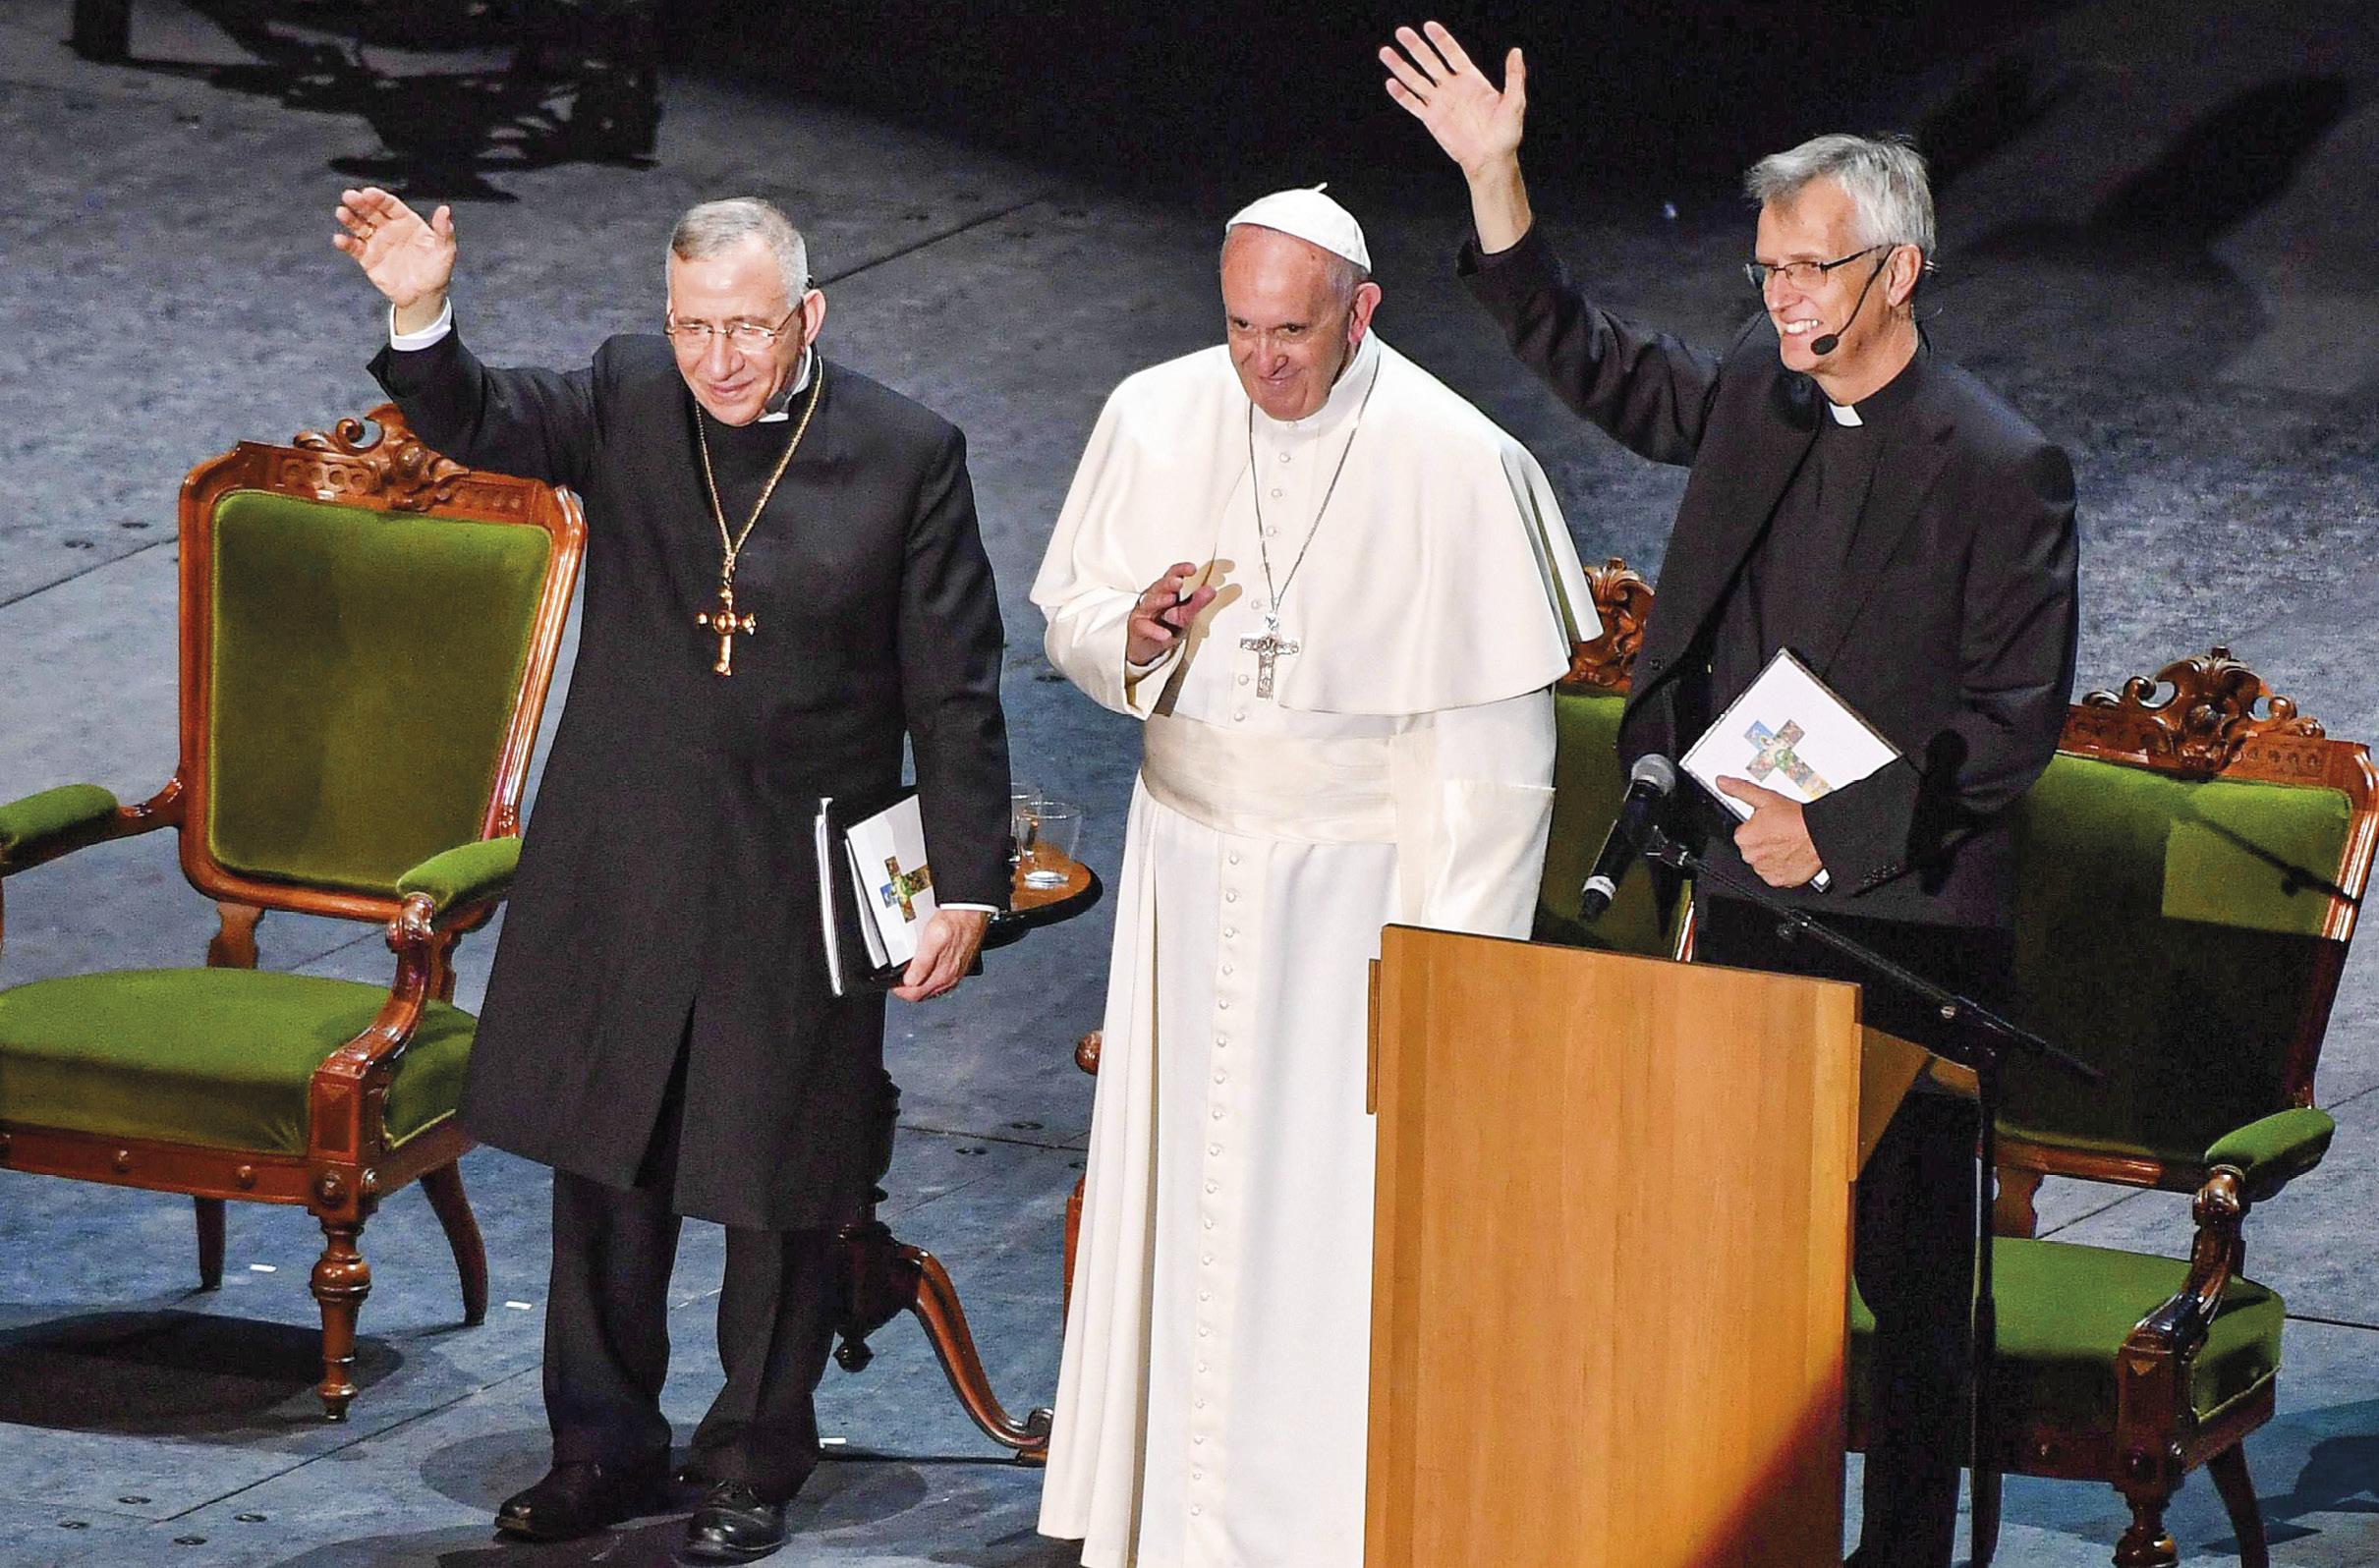 Papa Francisco com o Bispo Munib Younan (à esquerda), presidente da Federação Luterana Mundial, e o Reverendo Martin Junge, secretário geral da organização, na visita à Suécia, em 2016, por ocasião dos 500 anos da Reforma de Lutero.